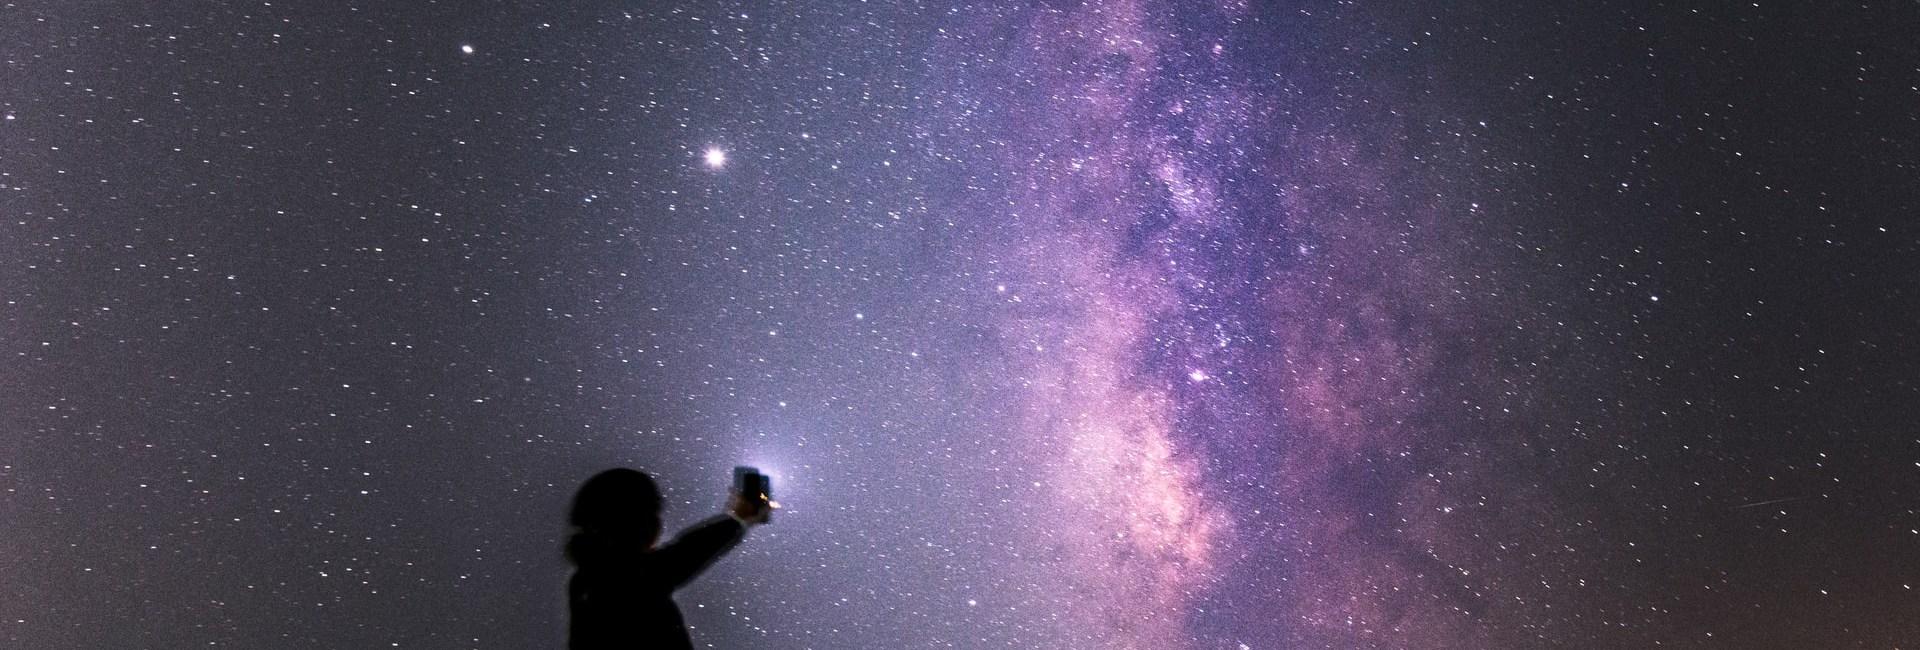 Κι εγώ σε ρωτώ, πέφτουνε τα αστέρια; – Του Σπύρου Χαριτάτου